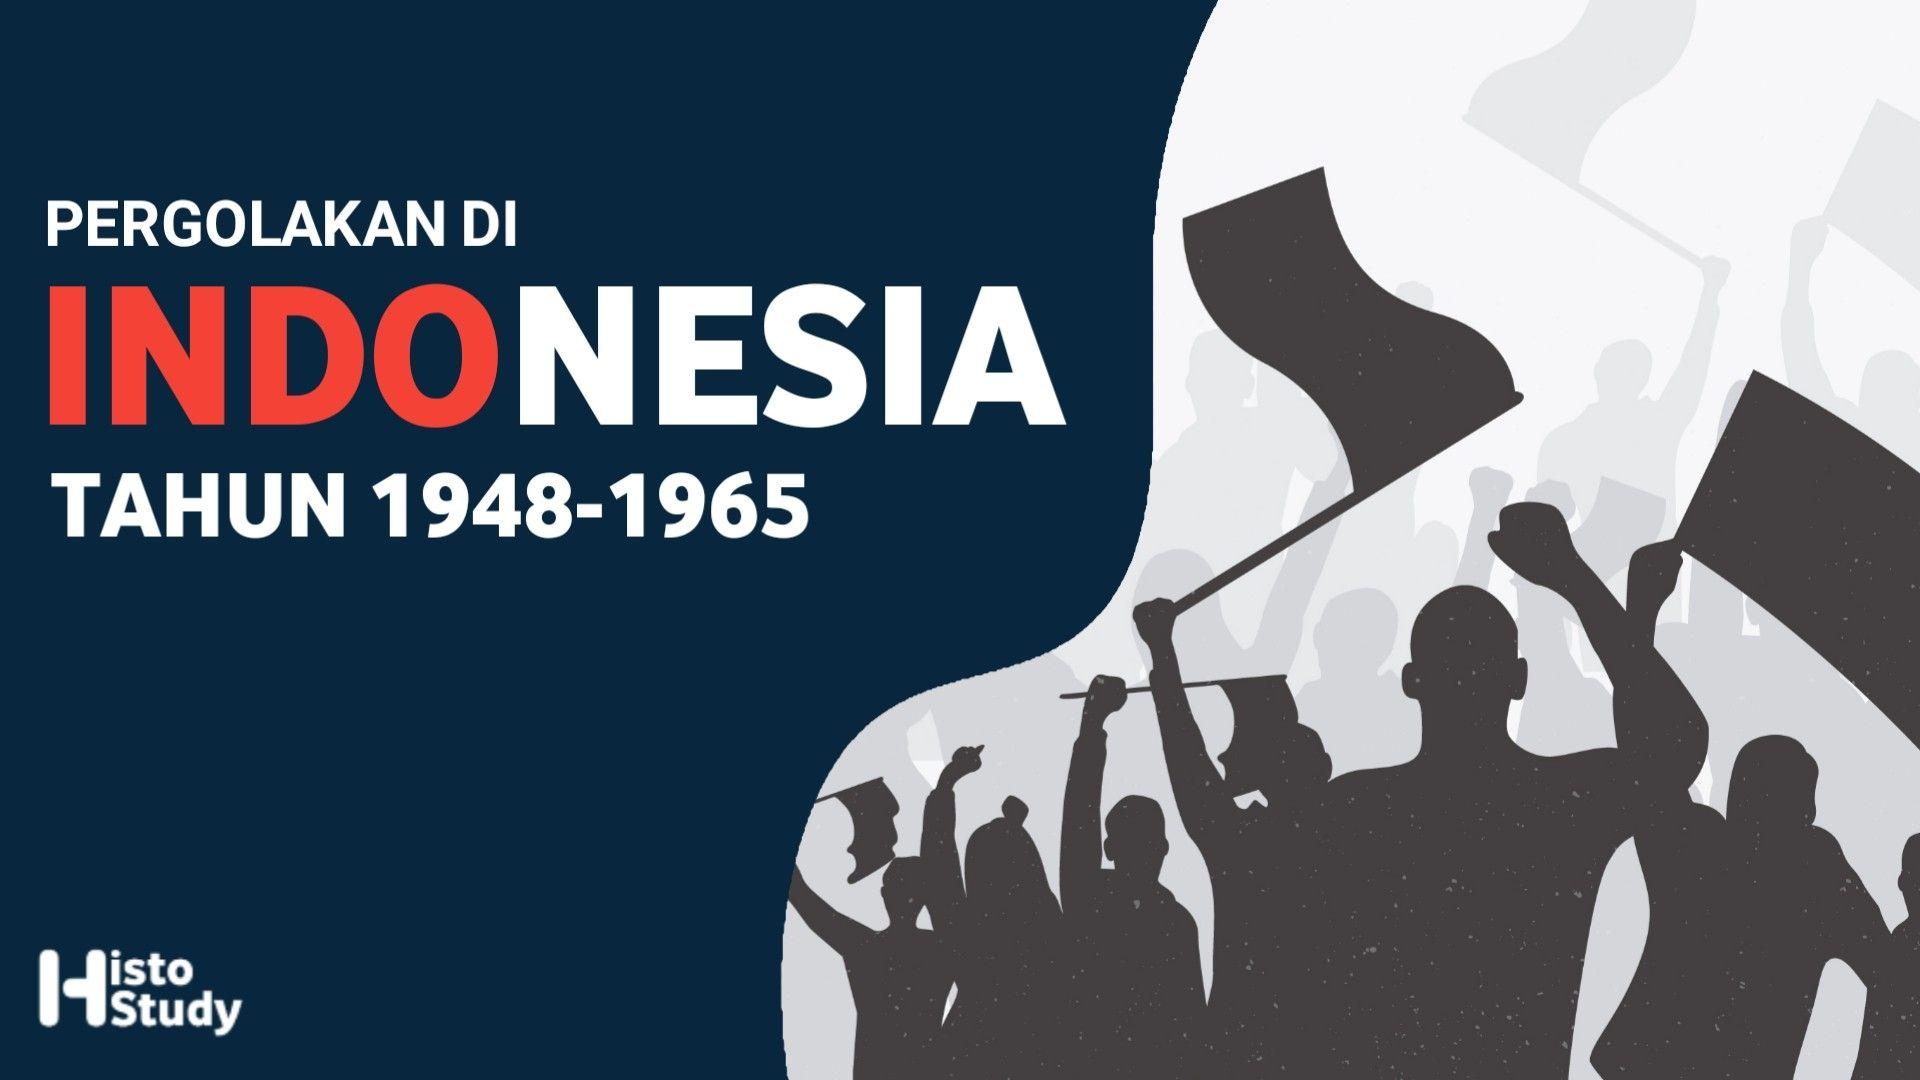 Pergolakan Di Indonesia Tahun 1948 1965 Pergola Indonesia Pemberontak